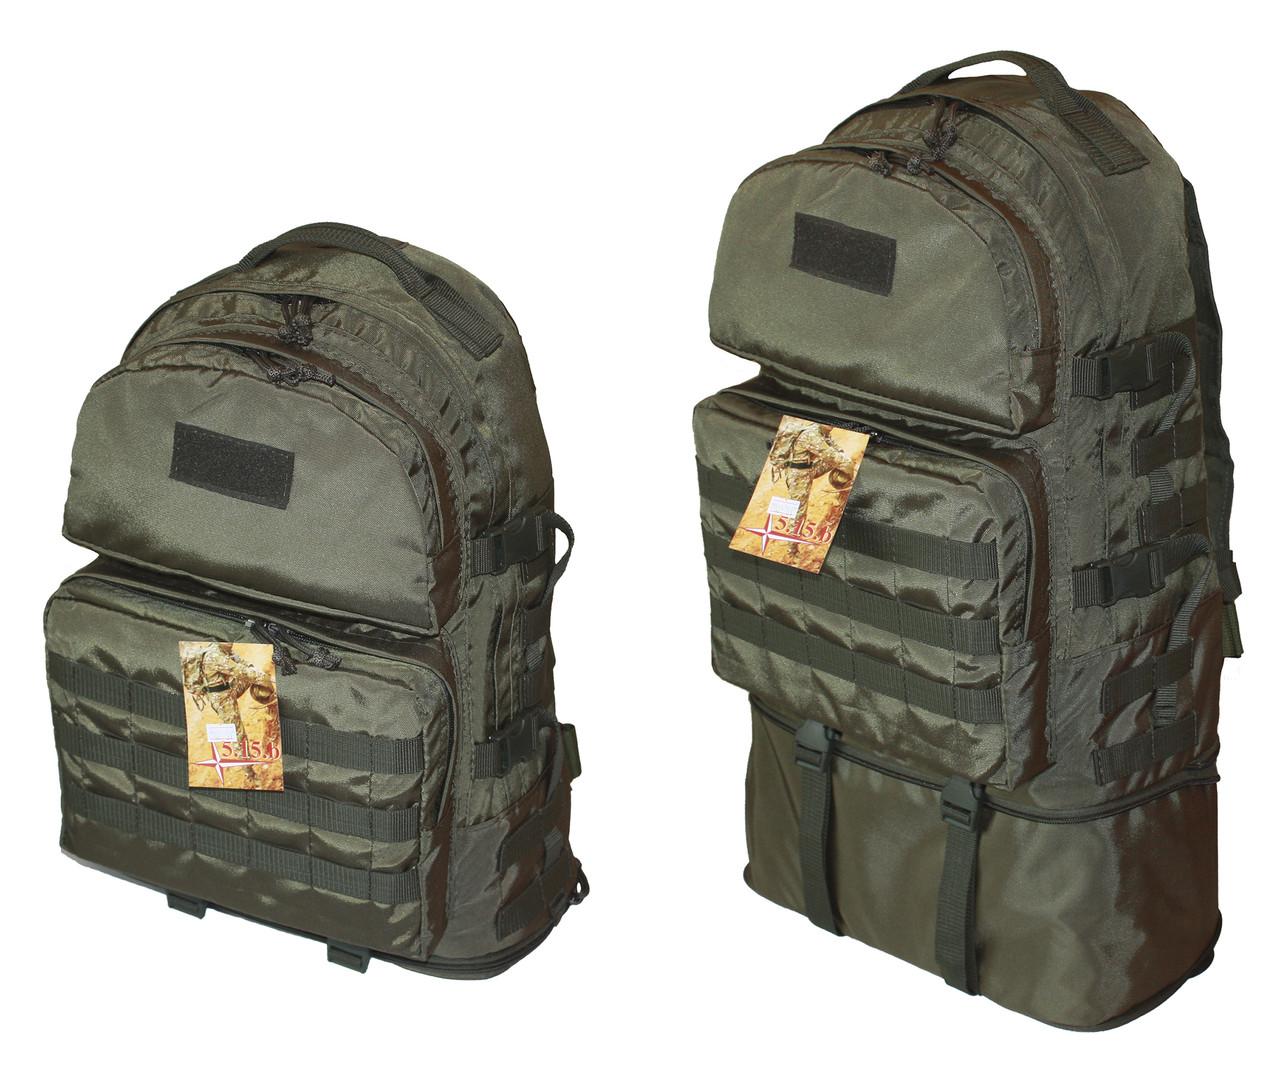 Тактический туристический супер-крепкий рюкзак трансформер 40-60 литров афган.